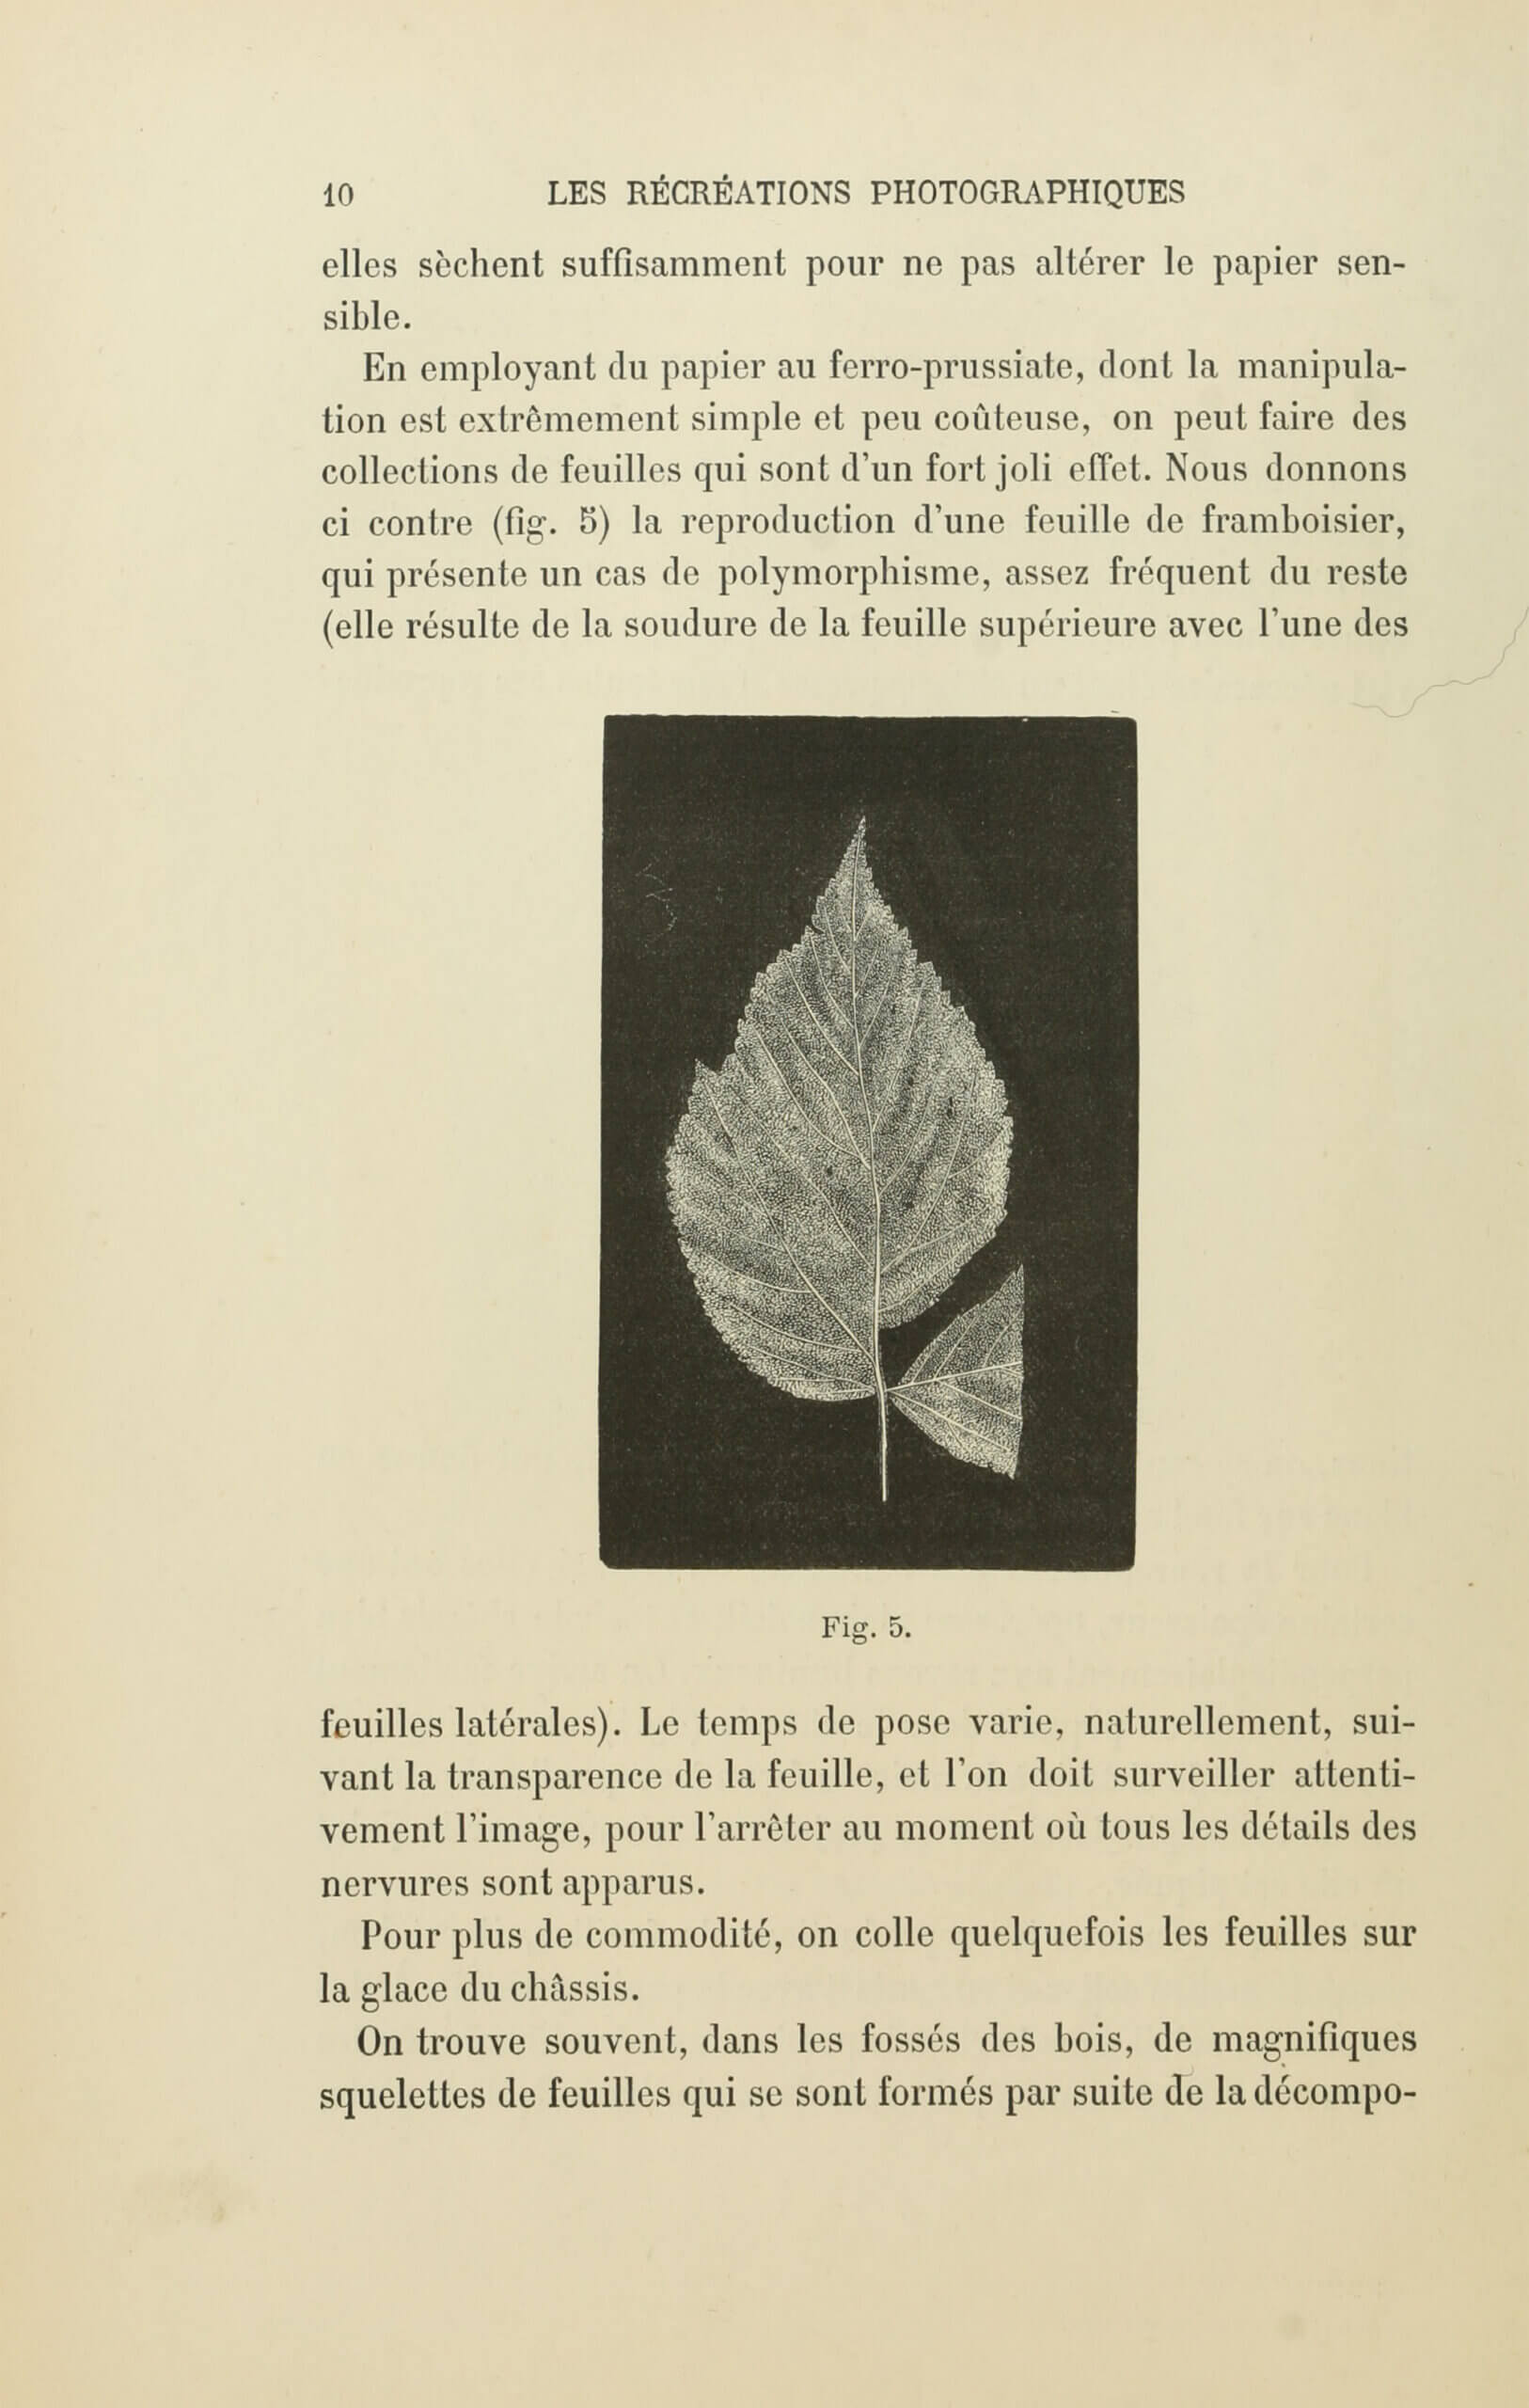 Albert Bergeret and Félix Drouin, «Reproductions directes». <em>Les Récréations photographiques</em>, Paris, Charles Mendel, 1891, p. 10 (Boston Public Library)